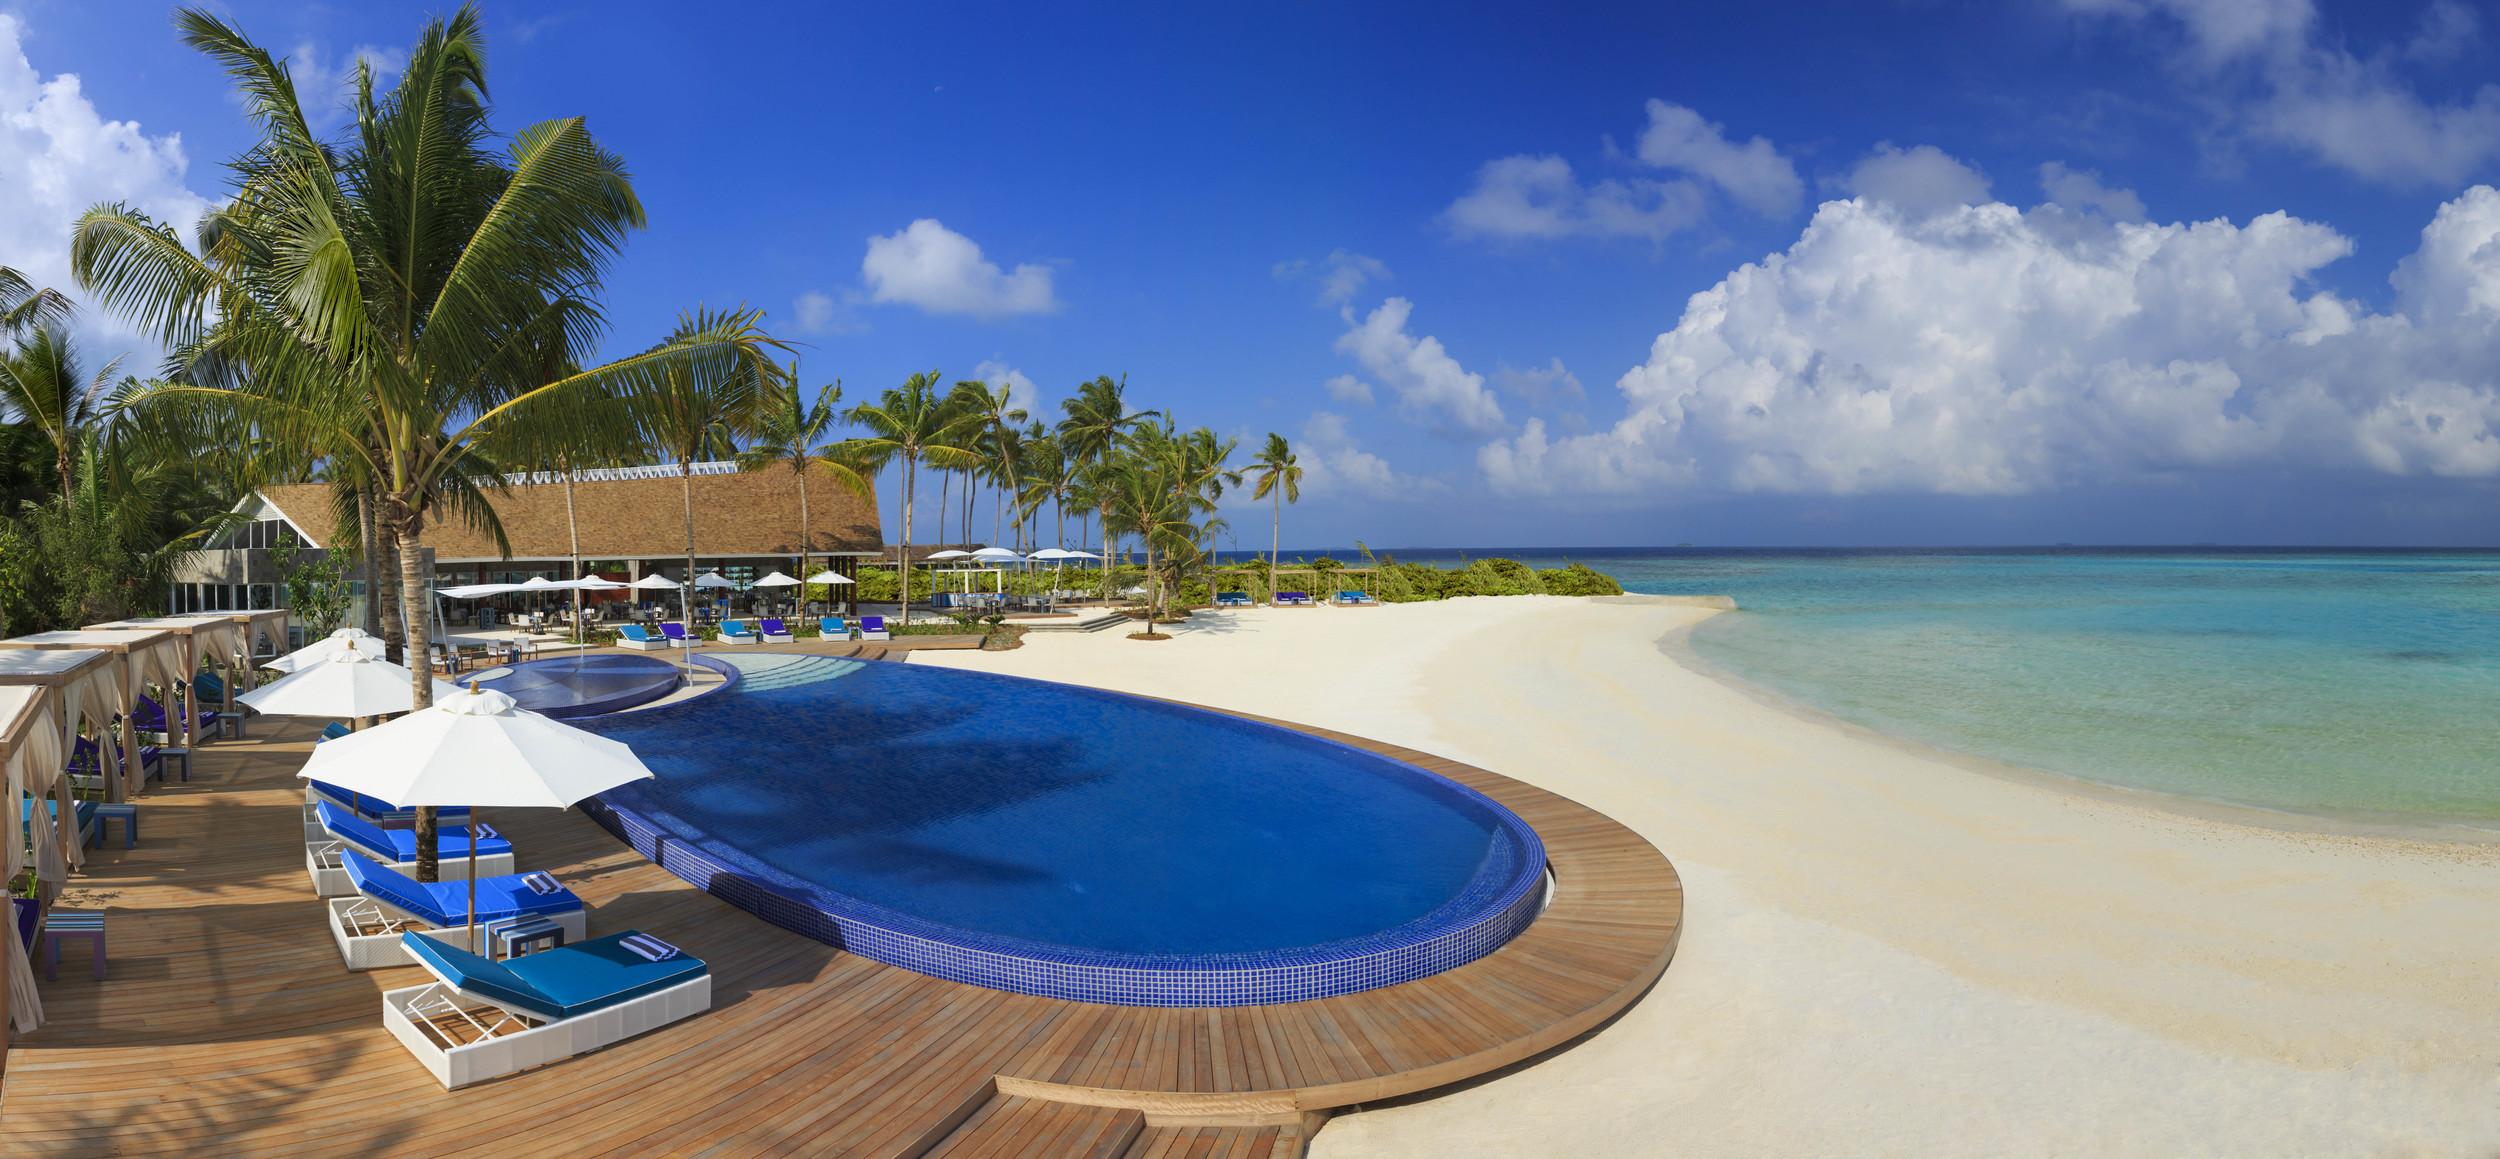 Hi_PNIY_65244836_Blu_Pool_and_Beach.jpg